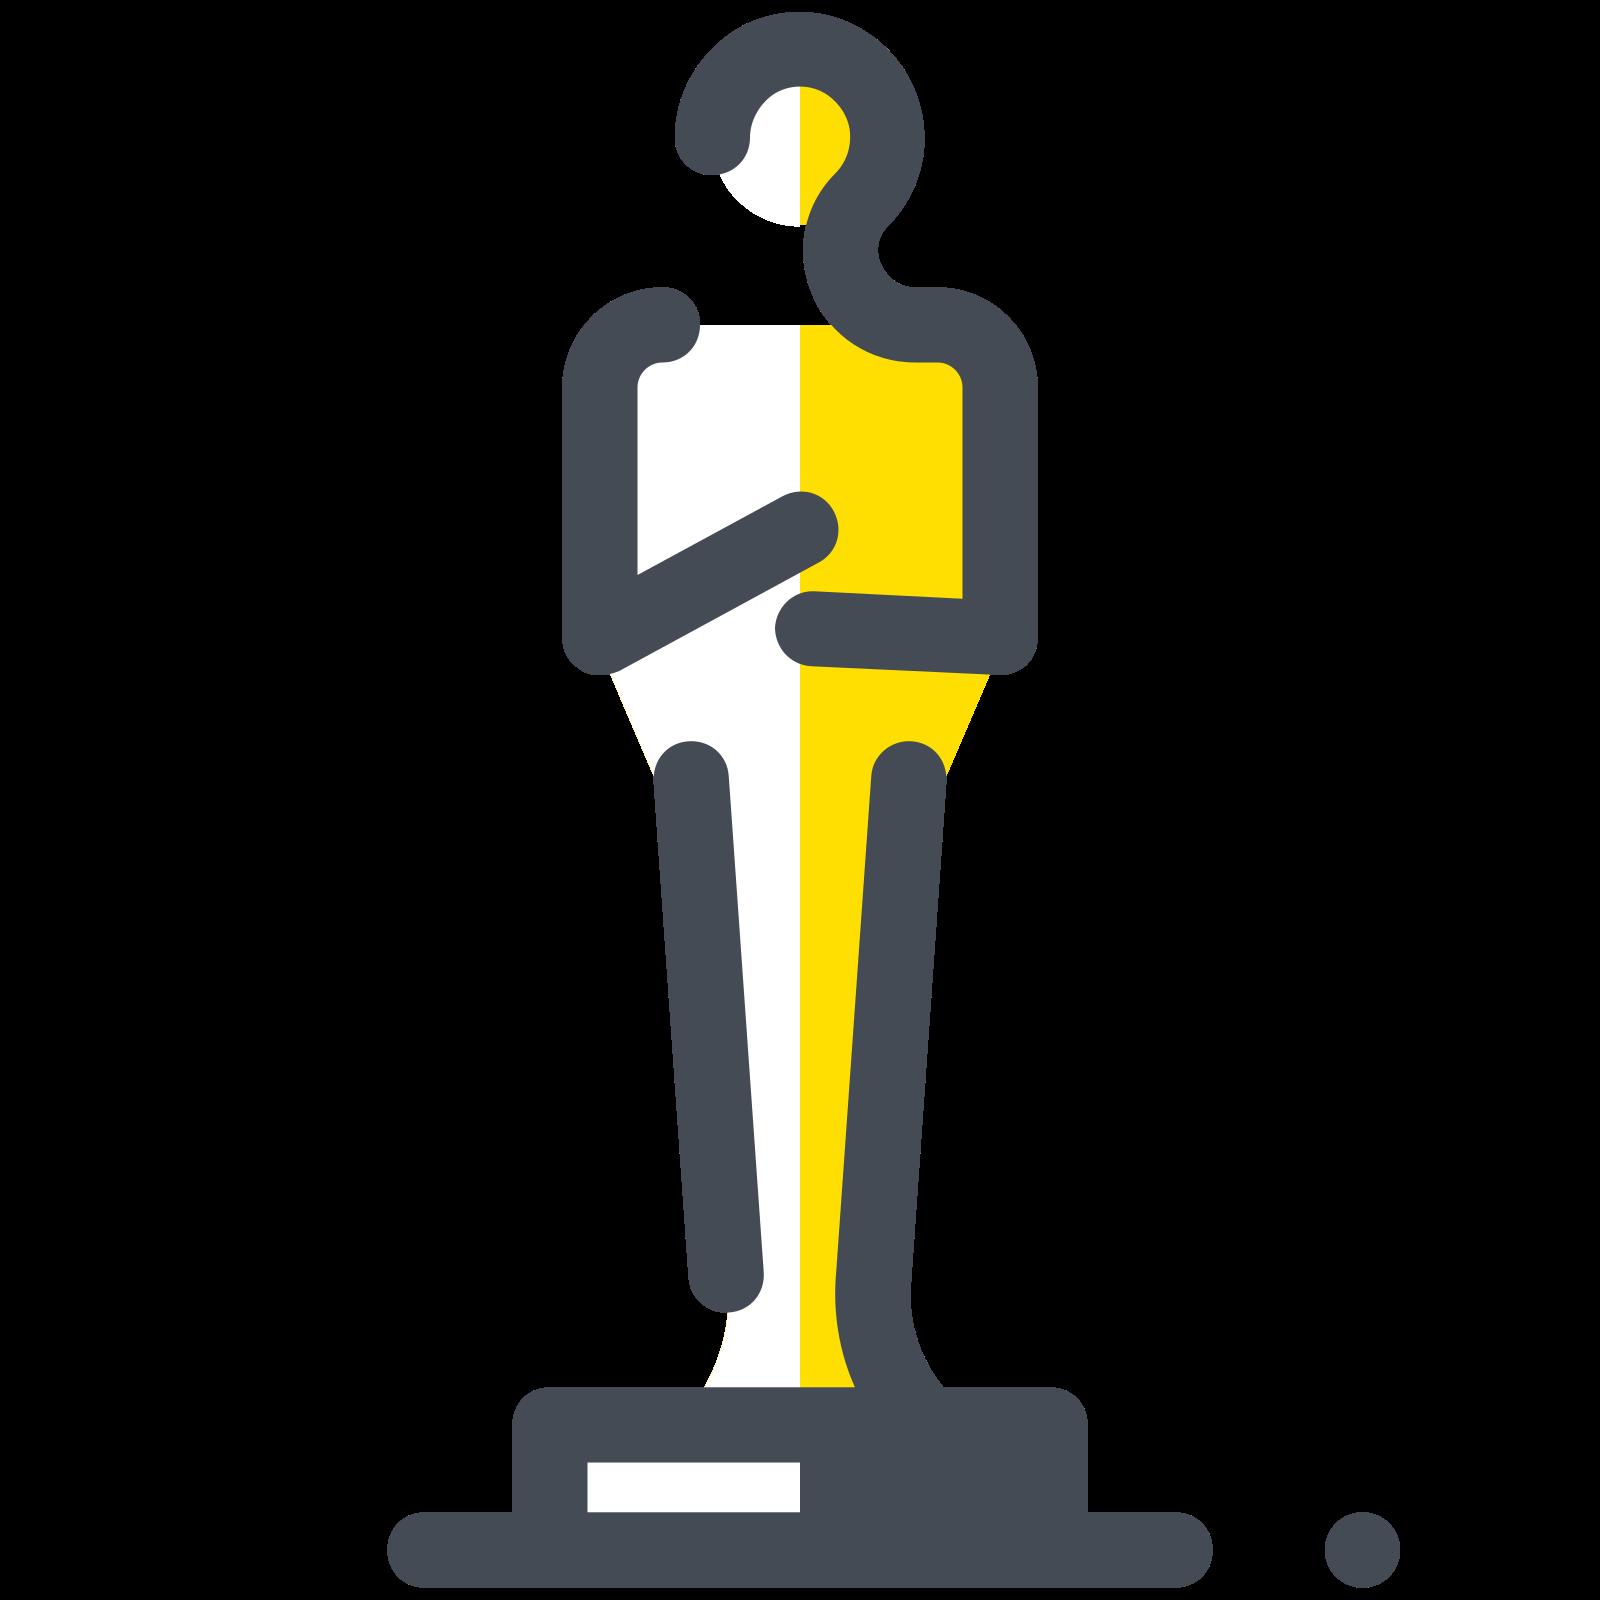 The Oscars icon